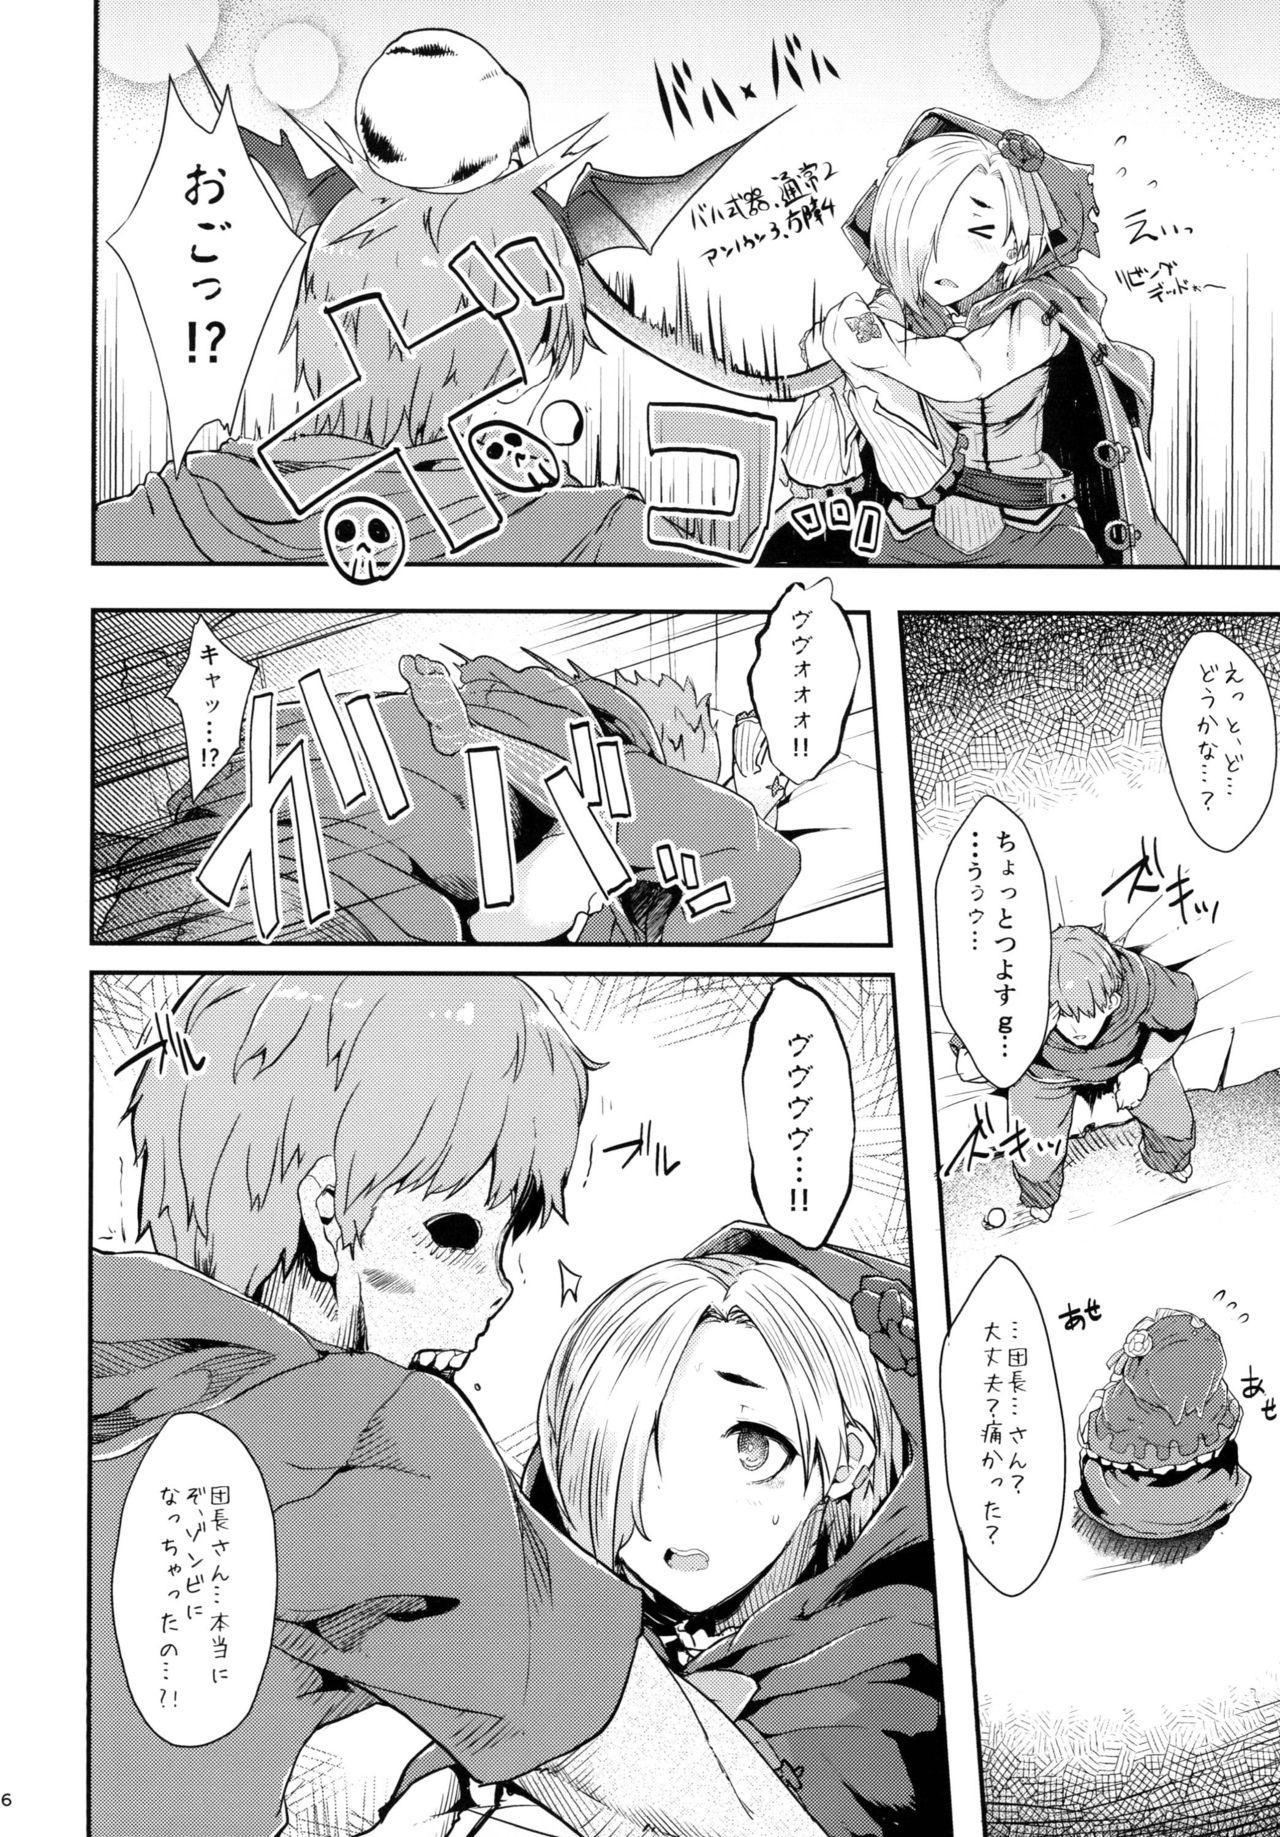 Koume-chan to Zombiex 5